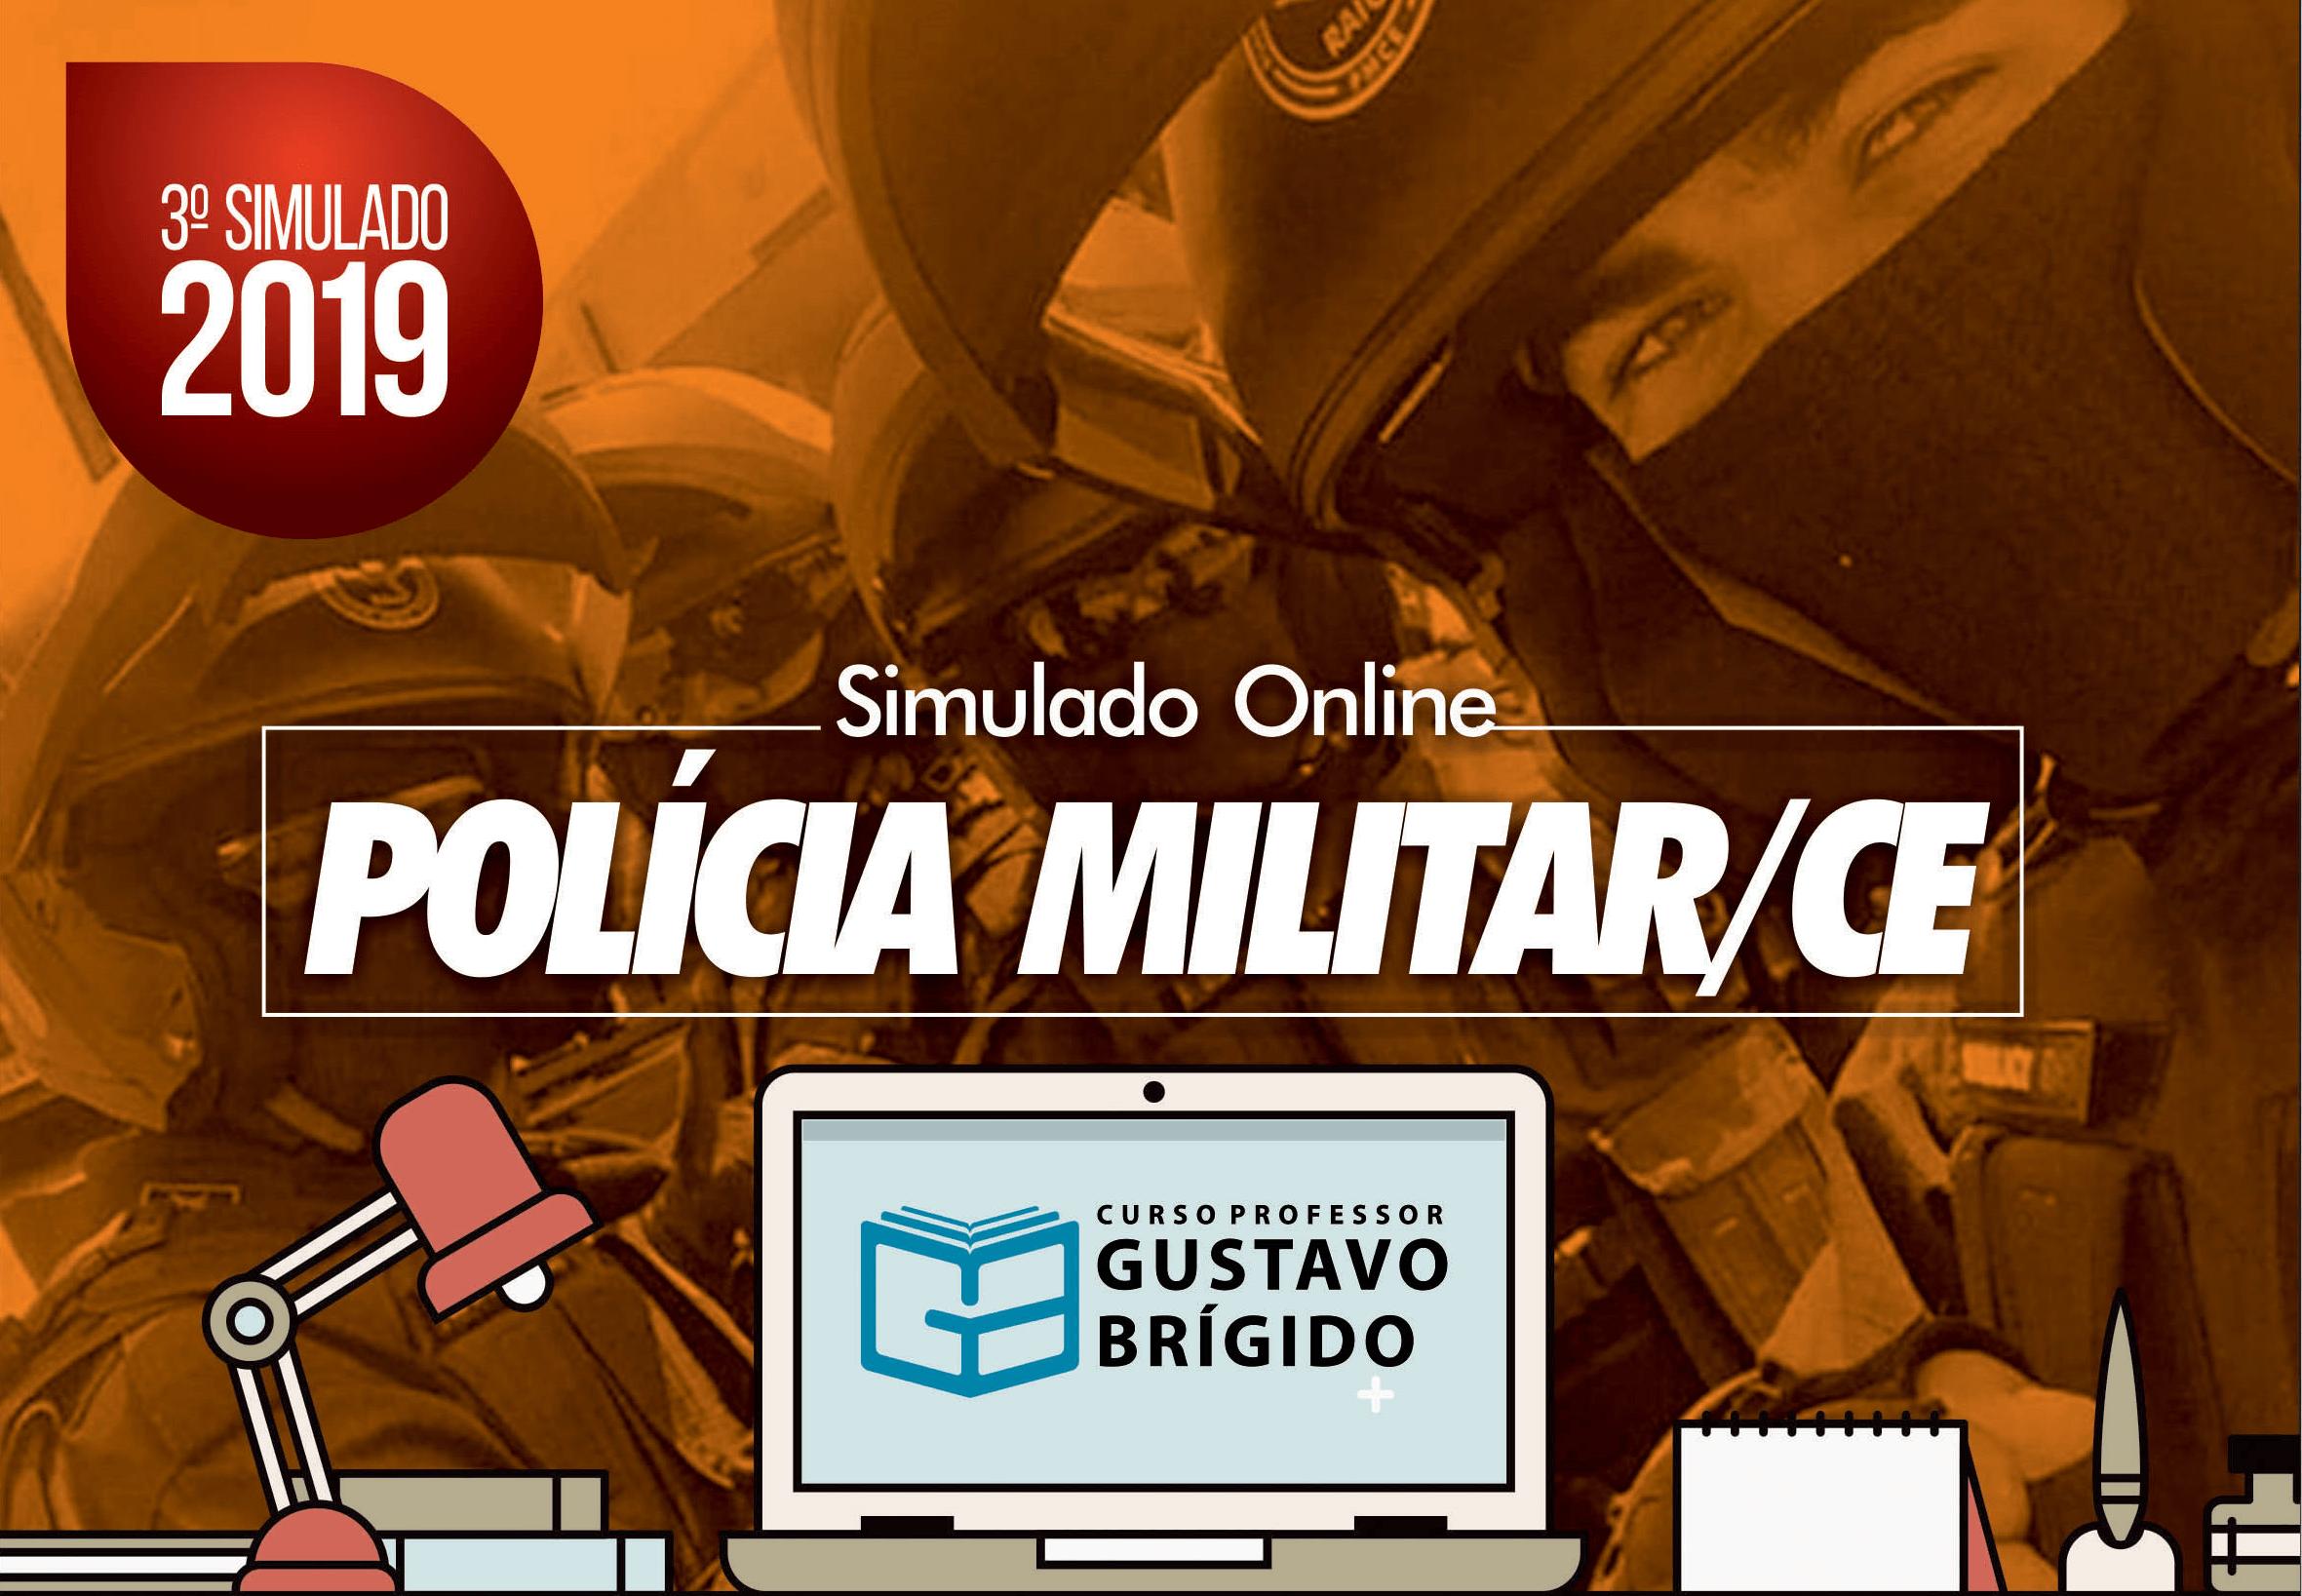 3° SIMULADO POLÍCIA MILITAR (2019) - EM PDF